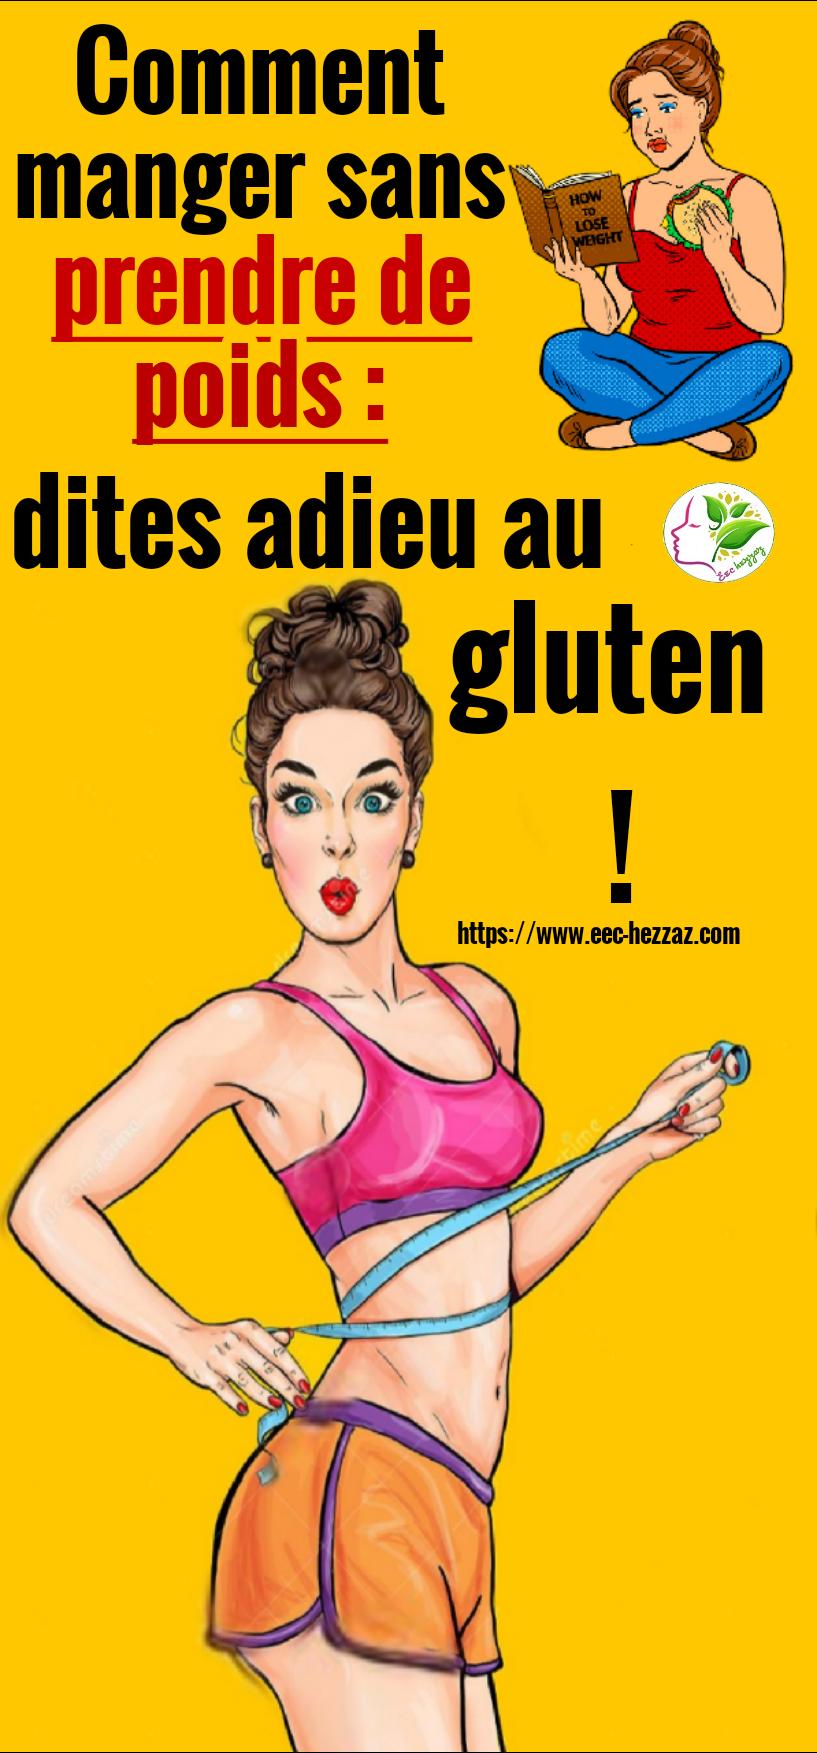 Comment manger sans prendre de poids : dites adieu au gluten !